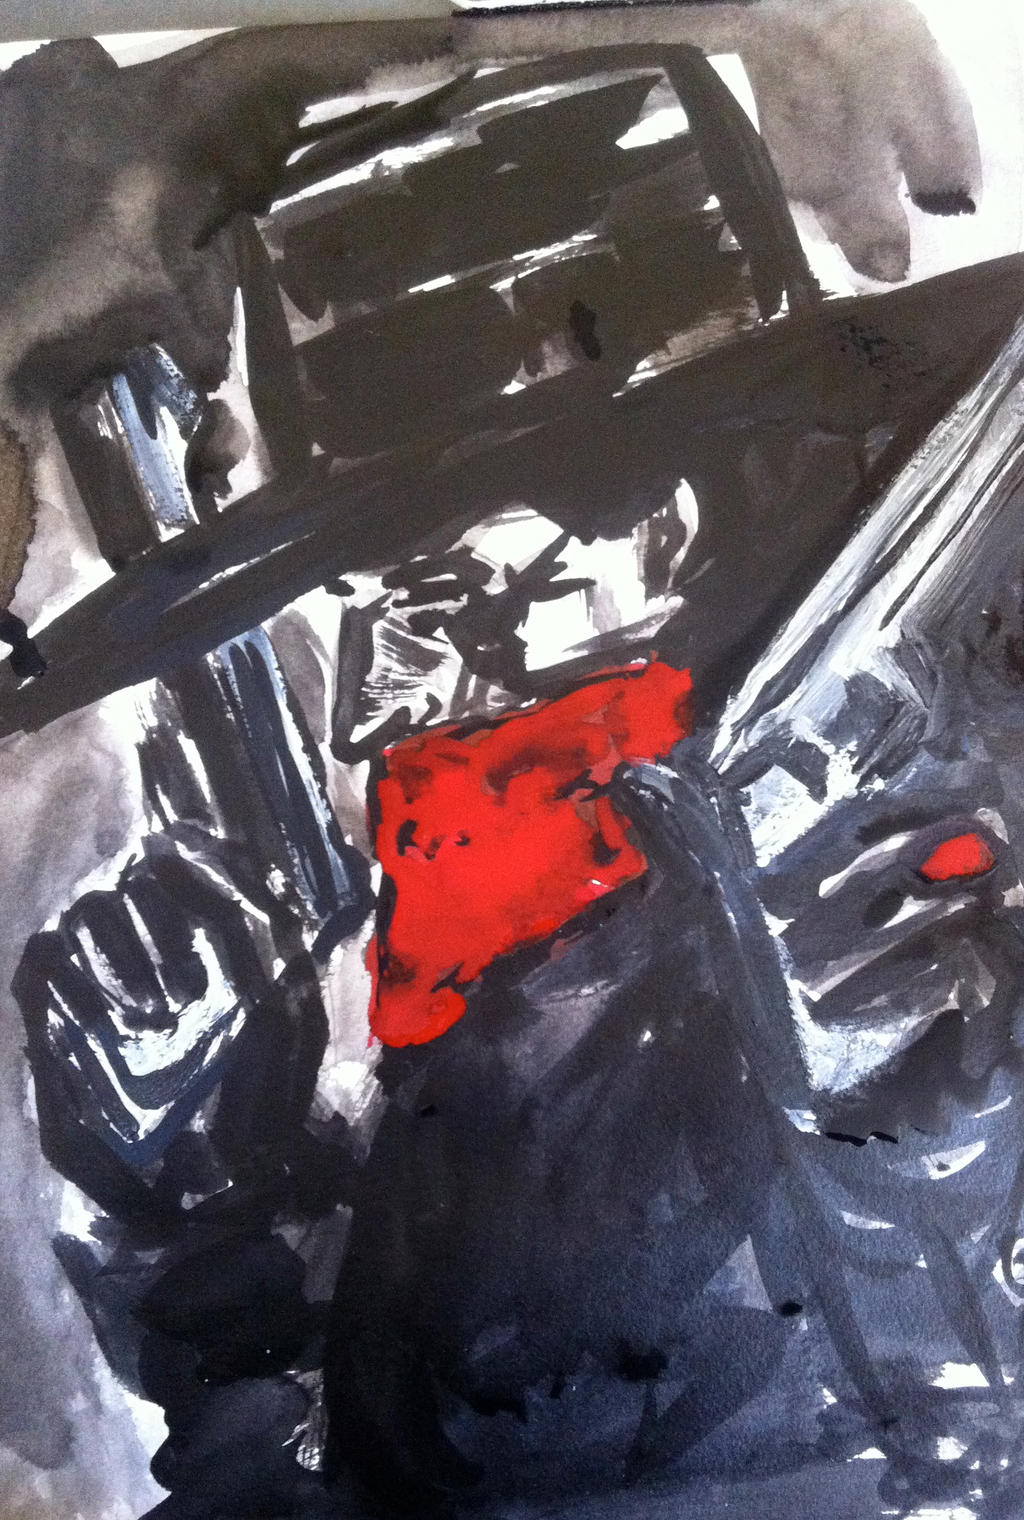 Alec Baldwin Shadow The shadow (alec baldwin) ink wash by ... Alec Baldwin